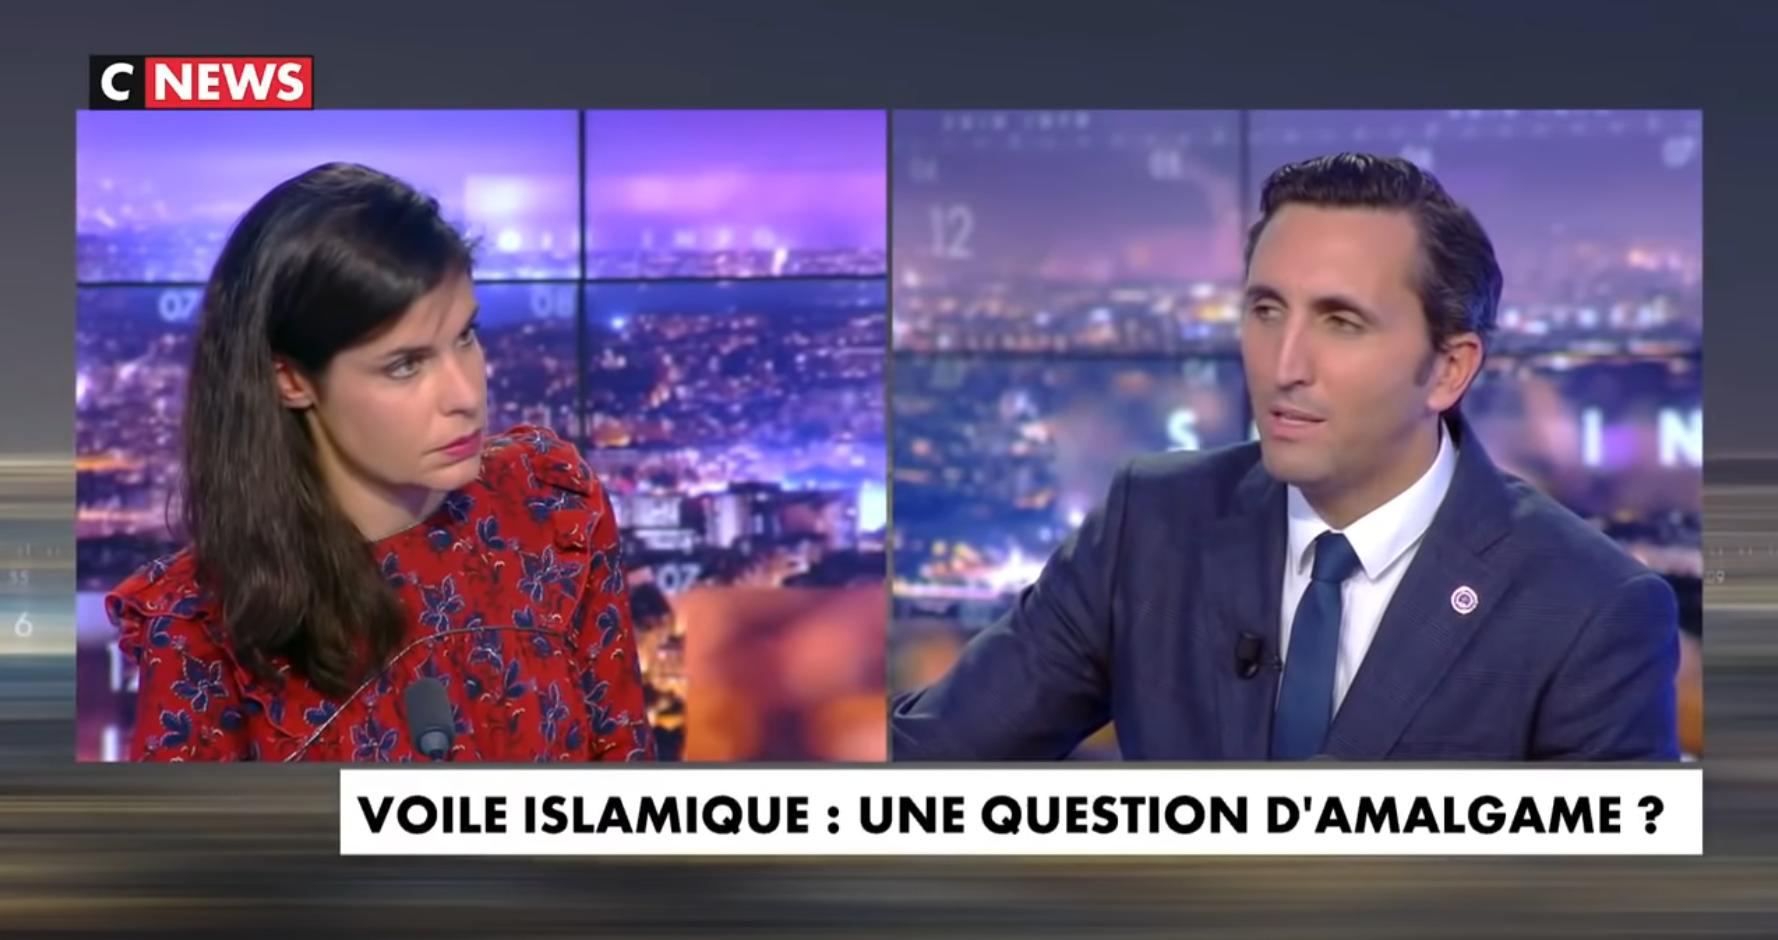 """Julien Aubert : """"Le sujet derrière le voile, c'est le sujet du multiculturalisme"""" (VIDÉO)"""